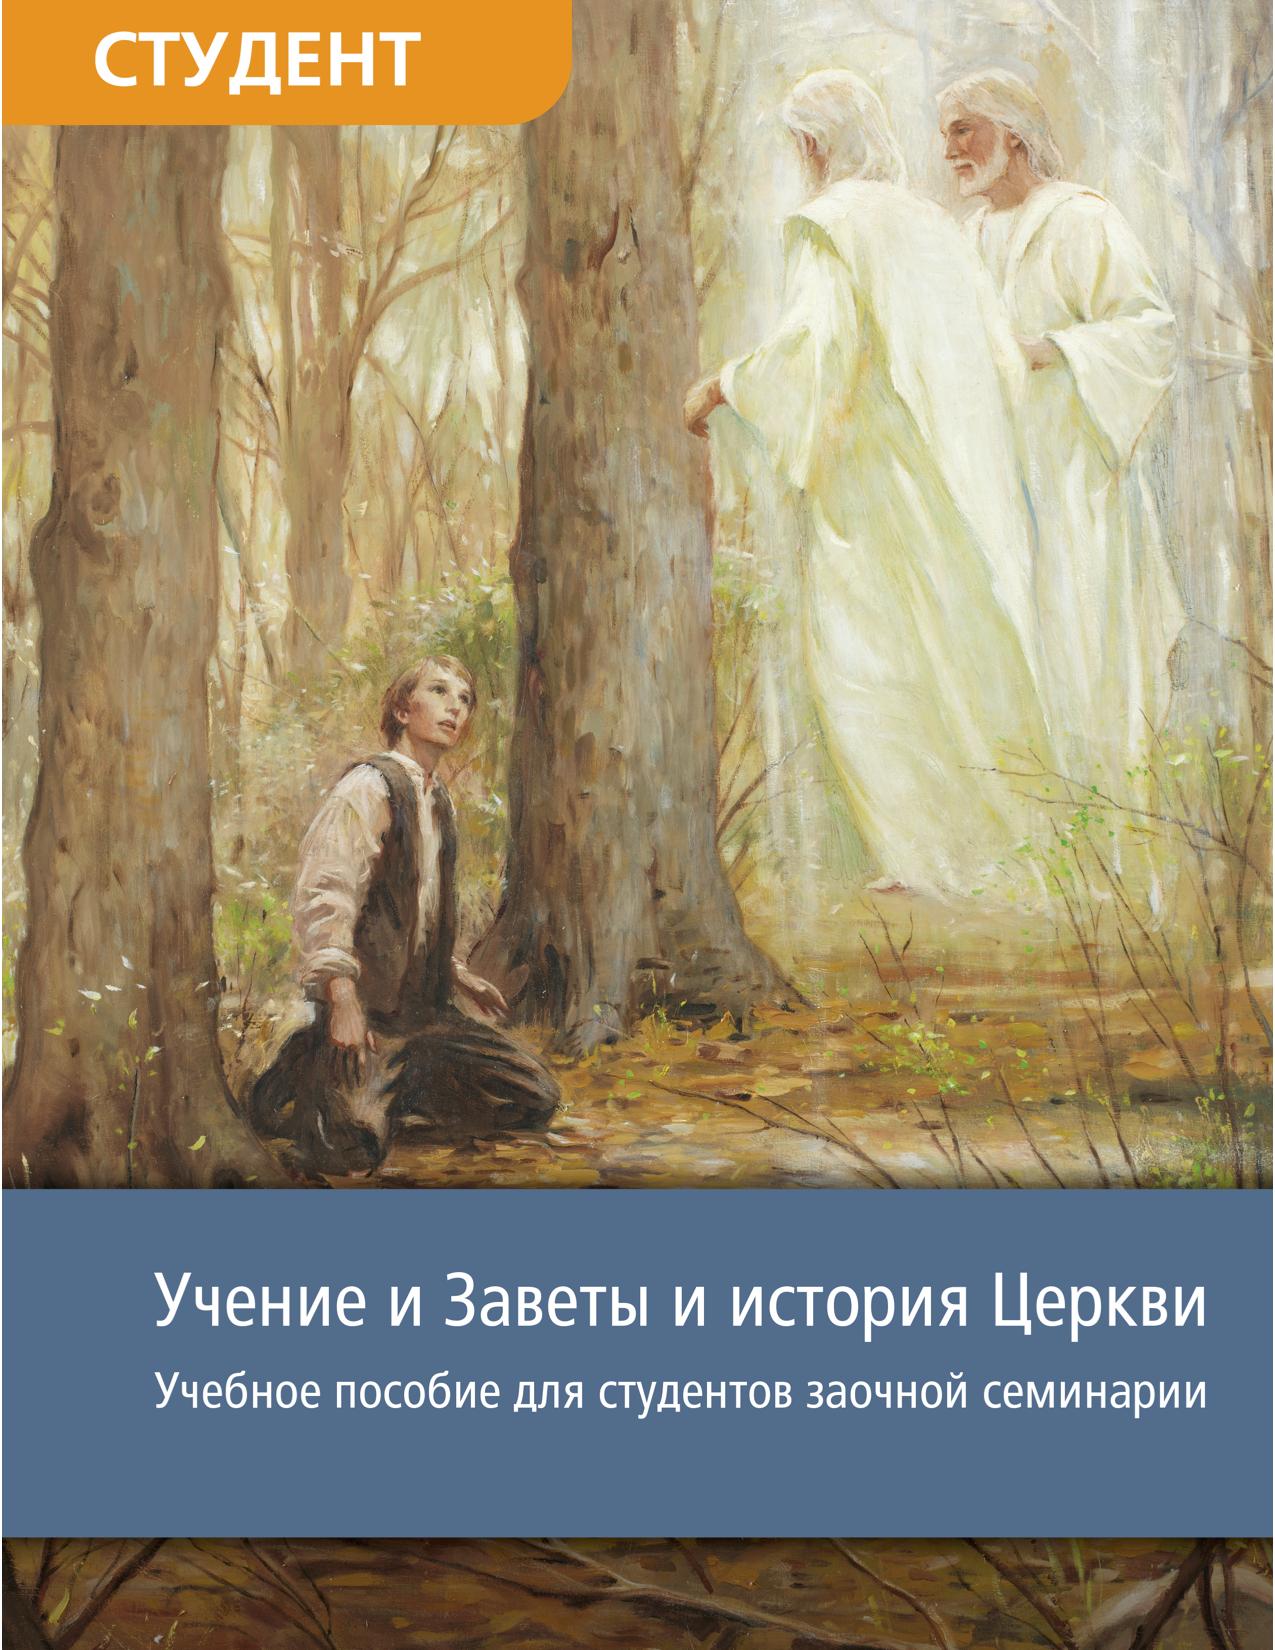 Учение и Заветы и история Церкви. Учебное пособие для студентов заочной семинарии